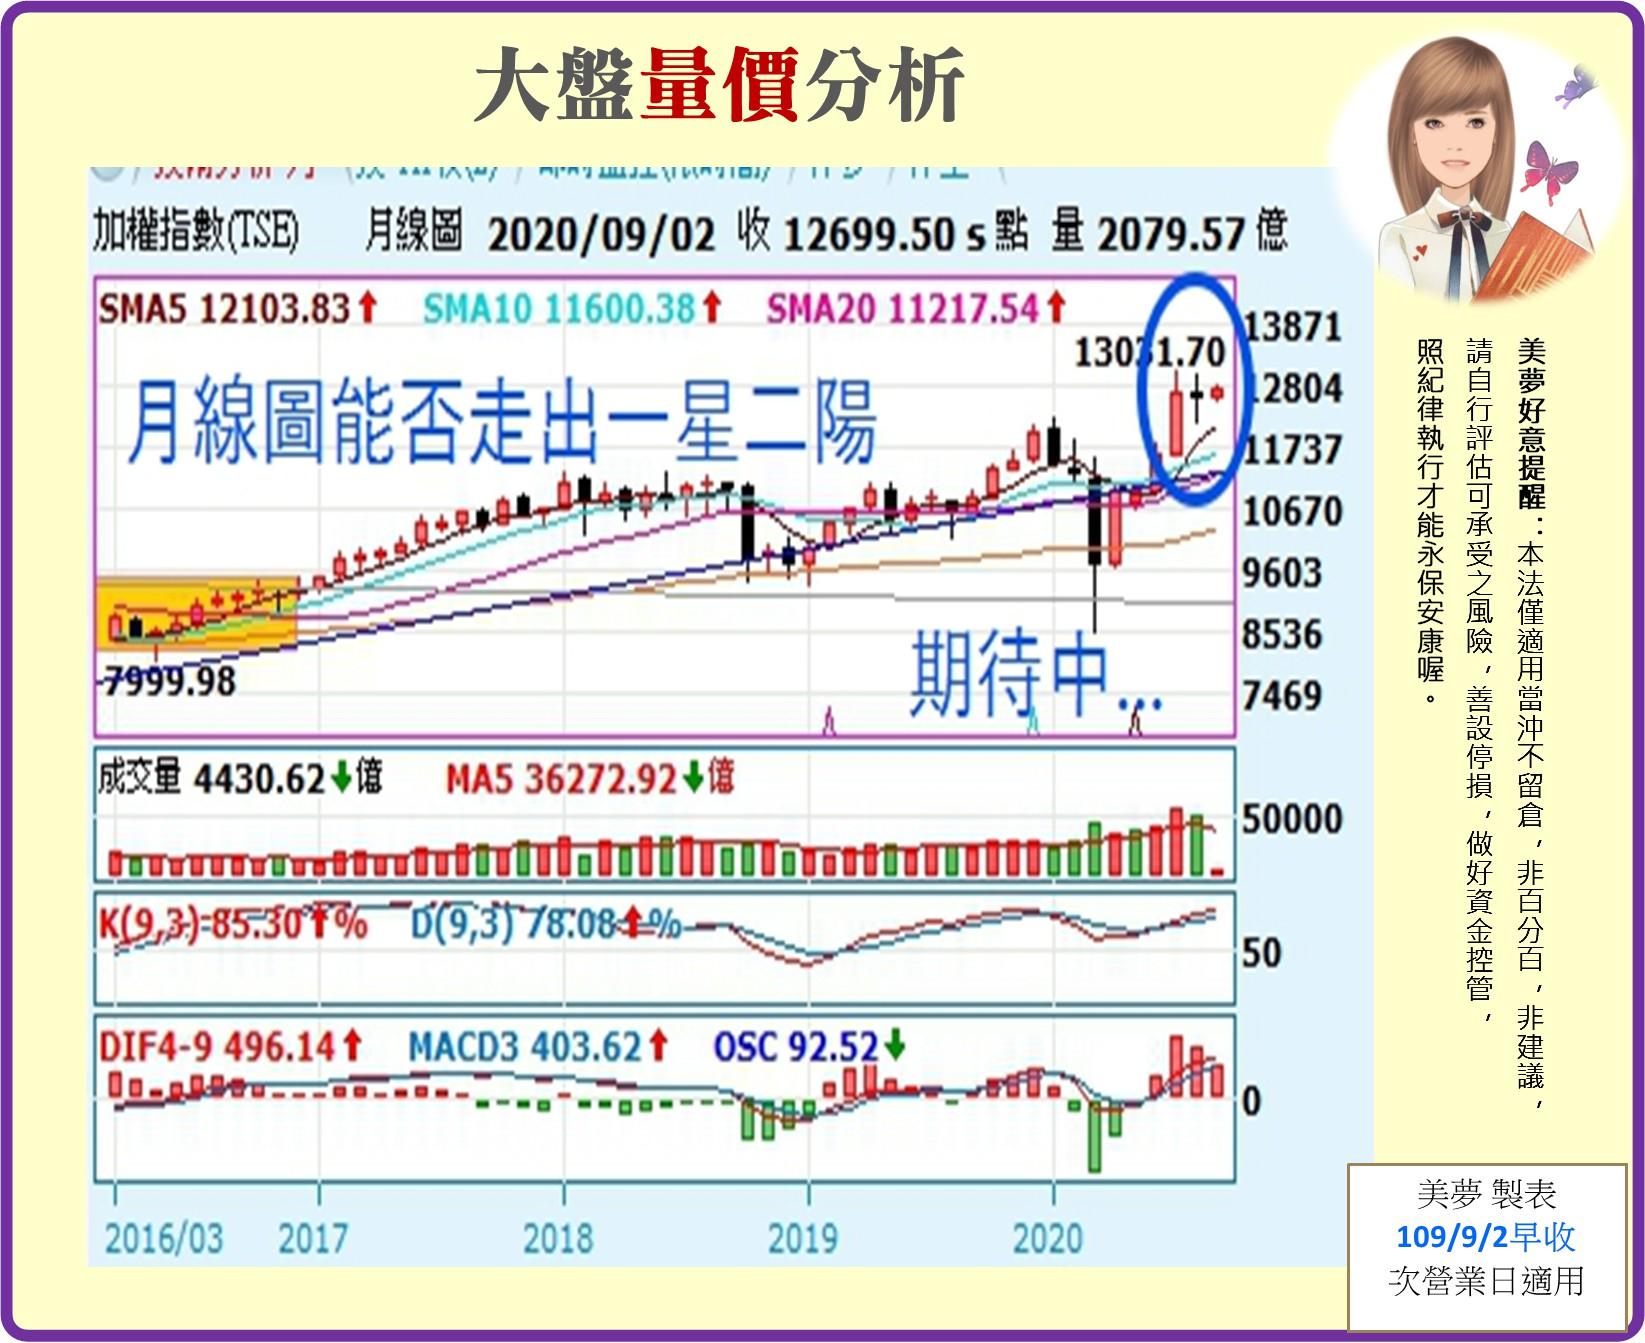 1090903 美夢冠軍-股市_04